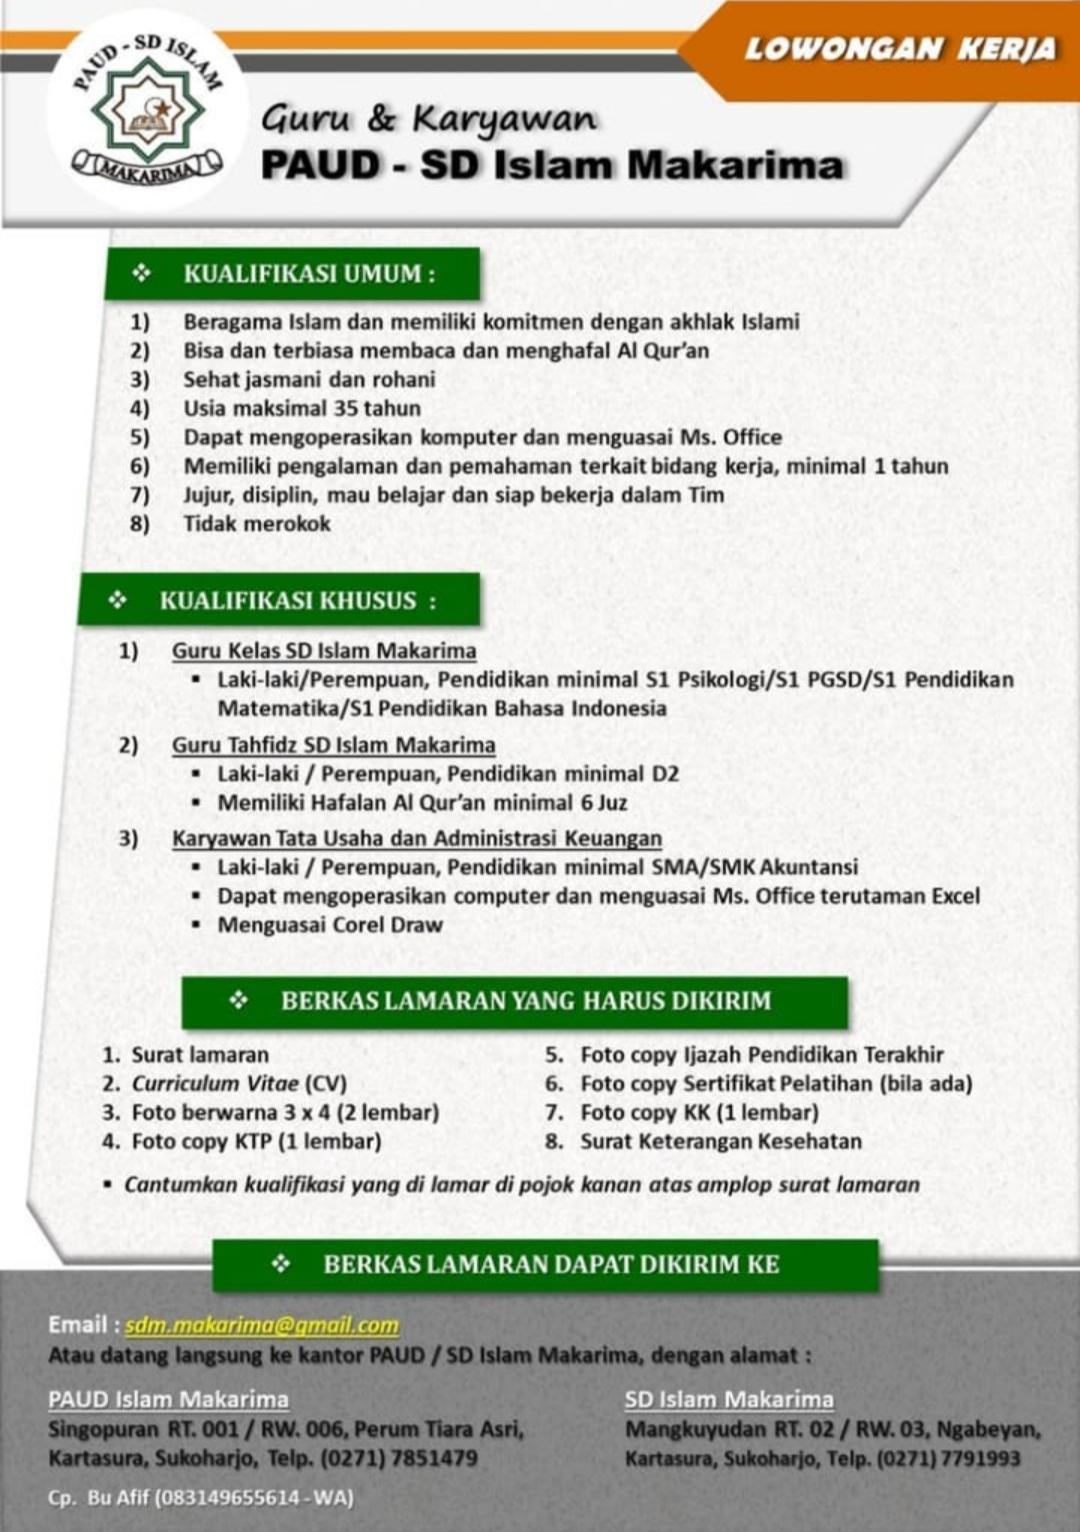 Lowongan Guru dan Karyawan PAUD & SD Islam Makarima Sukoharjo